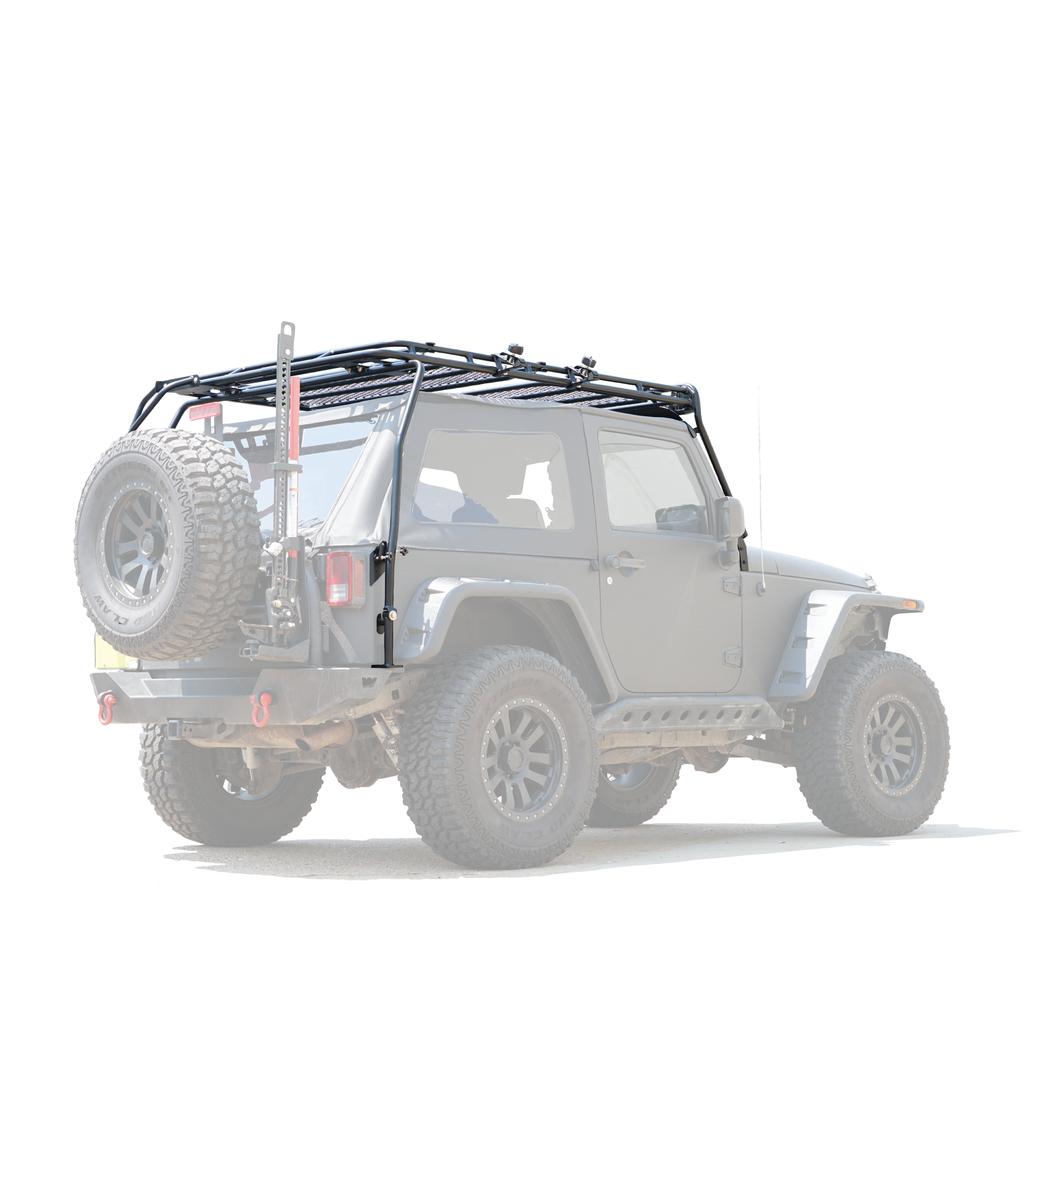 Gobi Jeep Jk 2door Stealth Rack 40 Led Light Setup